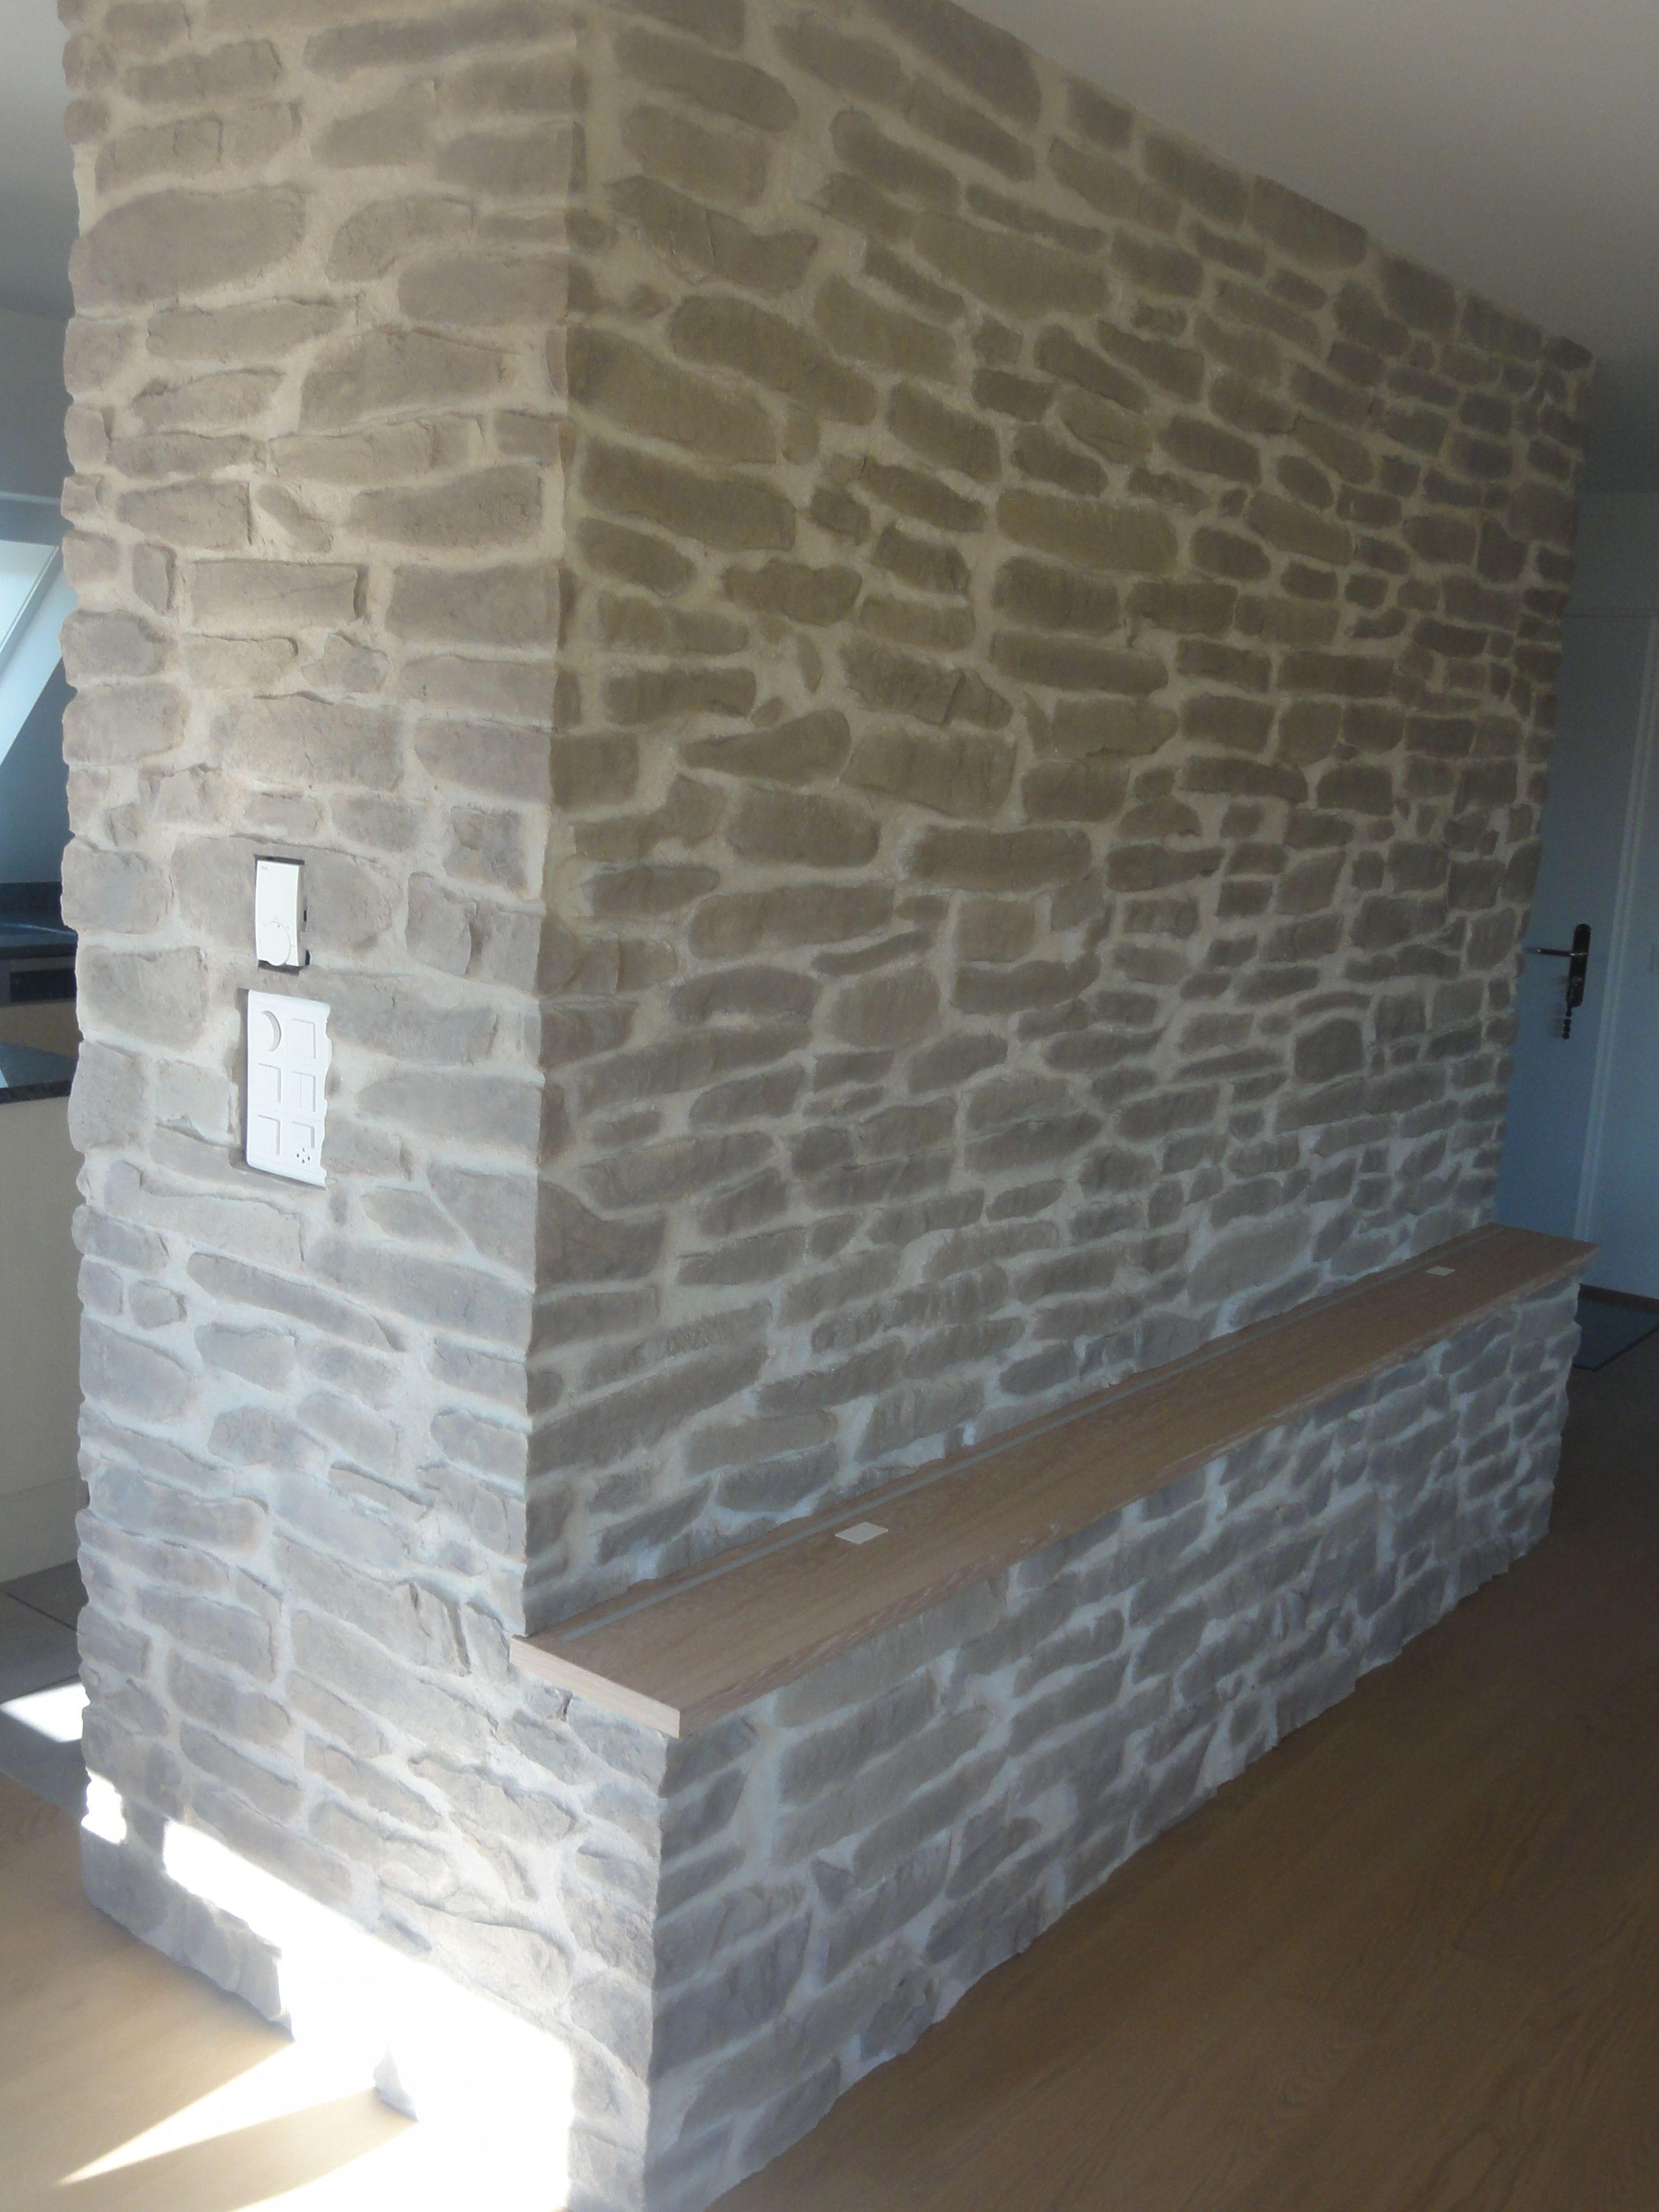 Wandverkleidung Stein Lajas Gris Wandverkleidung Stein, Steinwand  Wohnzimmer, Wandgestaltung Wohnzimmer, Steine, Wohnen